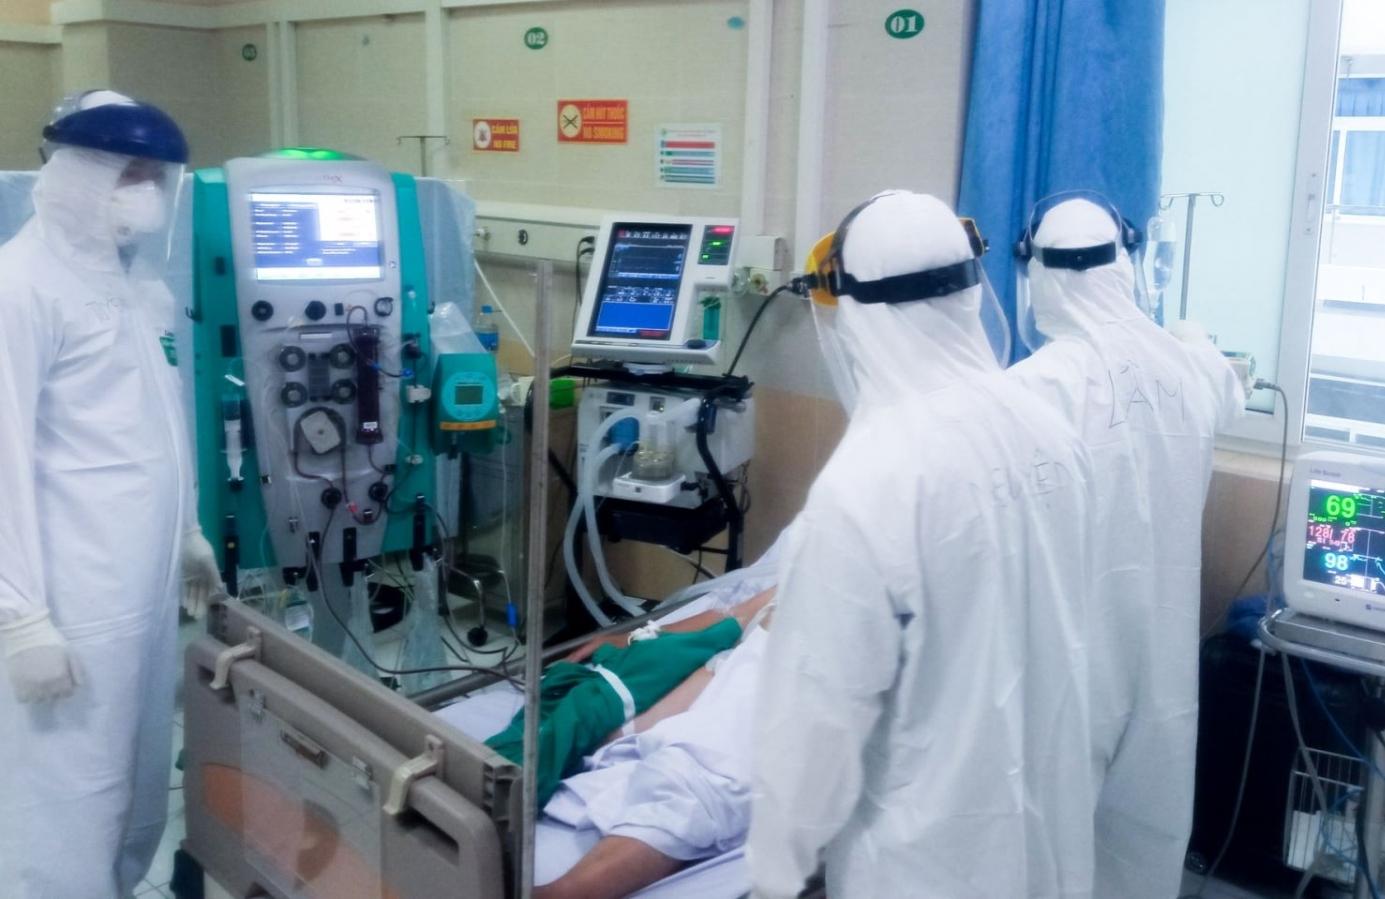 Năng lực hiện tại và phương án chống dịch của ngành Y tế Thủ đô